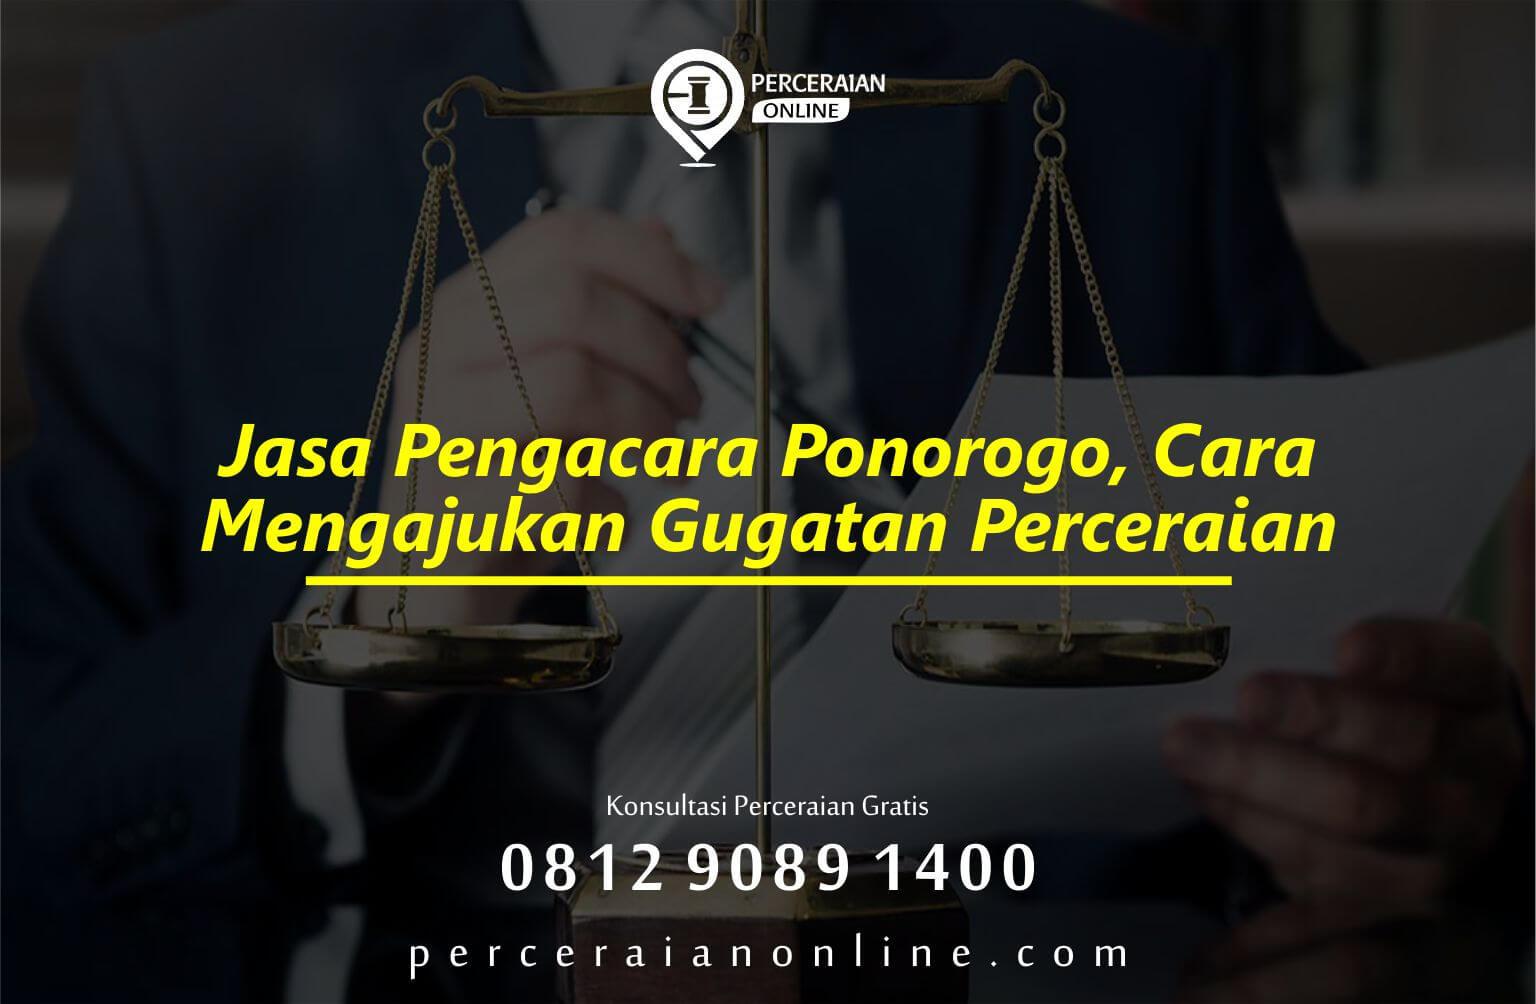 Jasa Pengacara Ponorogo, Cara Mengajukan Gugatan Perceraian